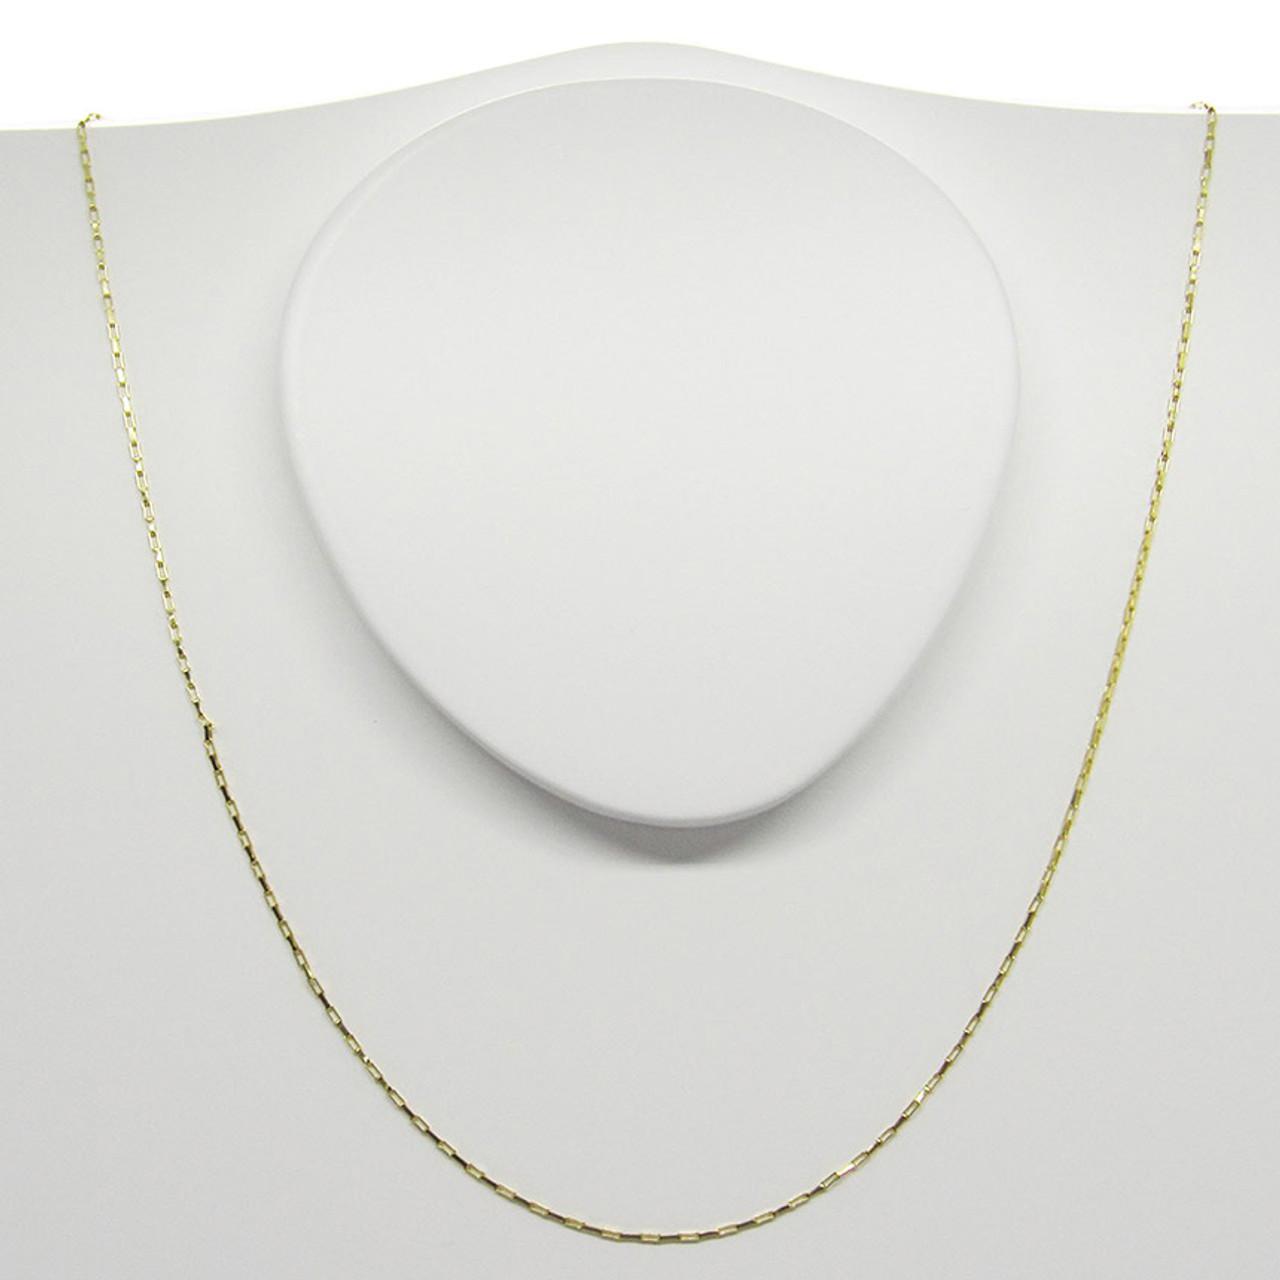 9eaeb24ab6b Corrente de ouro 18k Cartier 0.45mm com 40cm (CJCO-00000117)